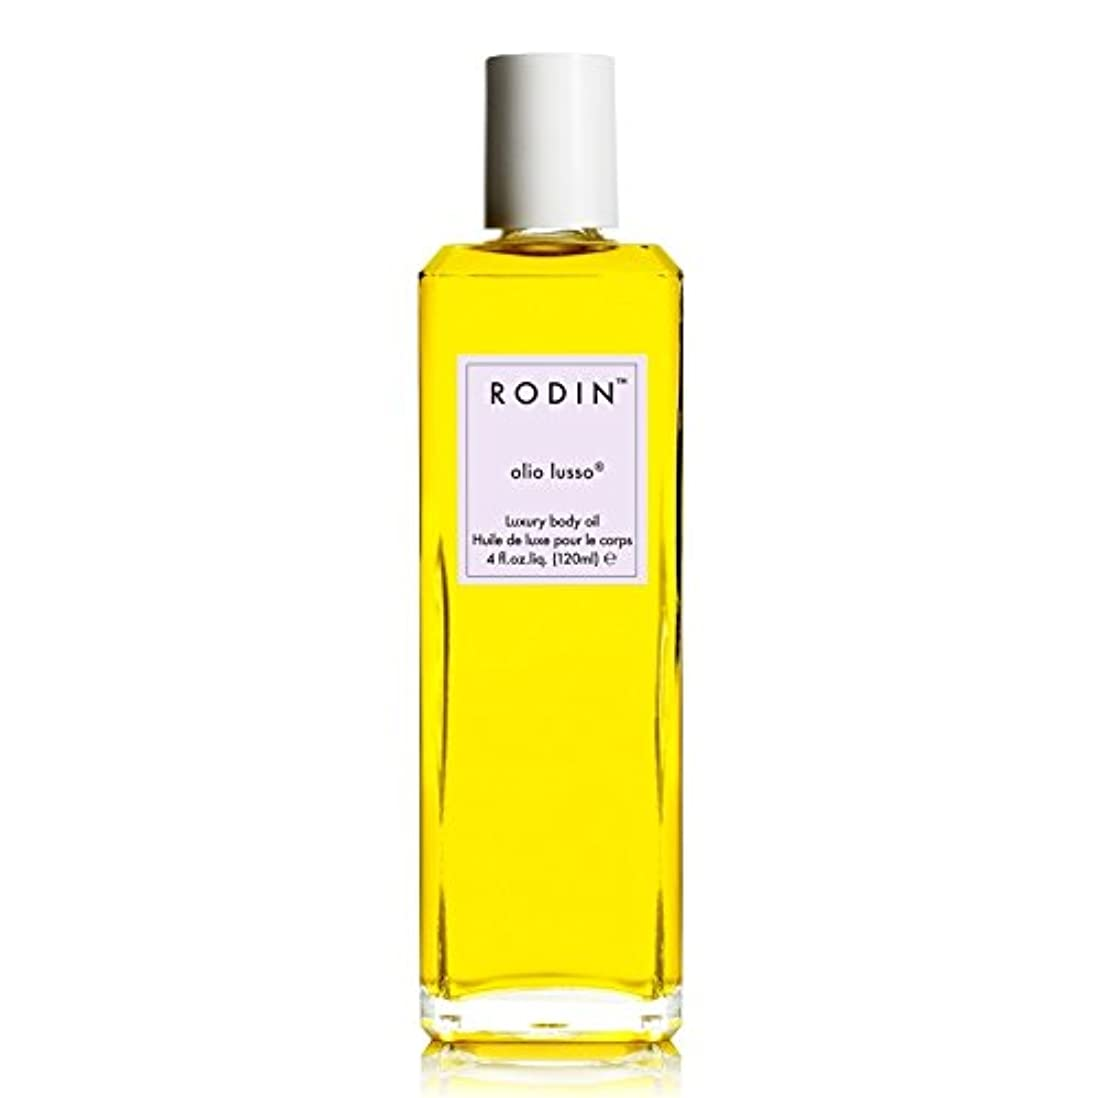 燃やすストレスの多いプロペラロダンルッソラベンダー絶対贅沢なボディオイル30ミリリットル x2 - RODIN olio lusso Lavender Absolute Luxury Body Oil 30ml (Pack of 2) [並行輸入品]